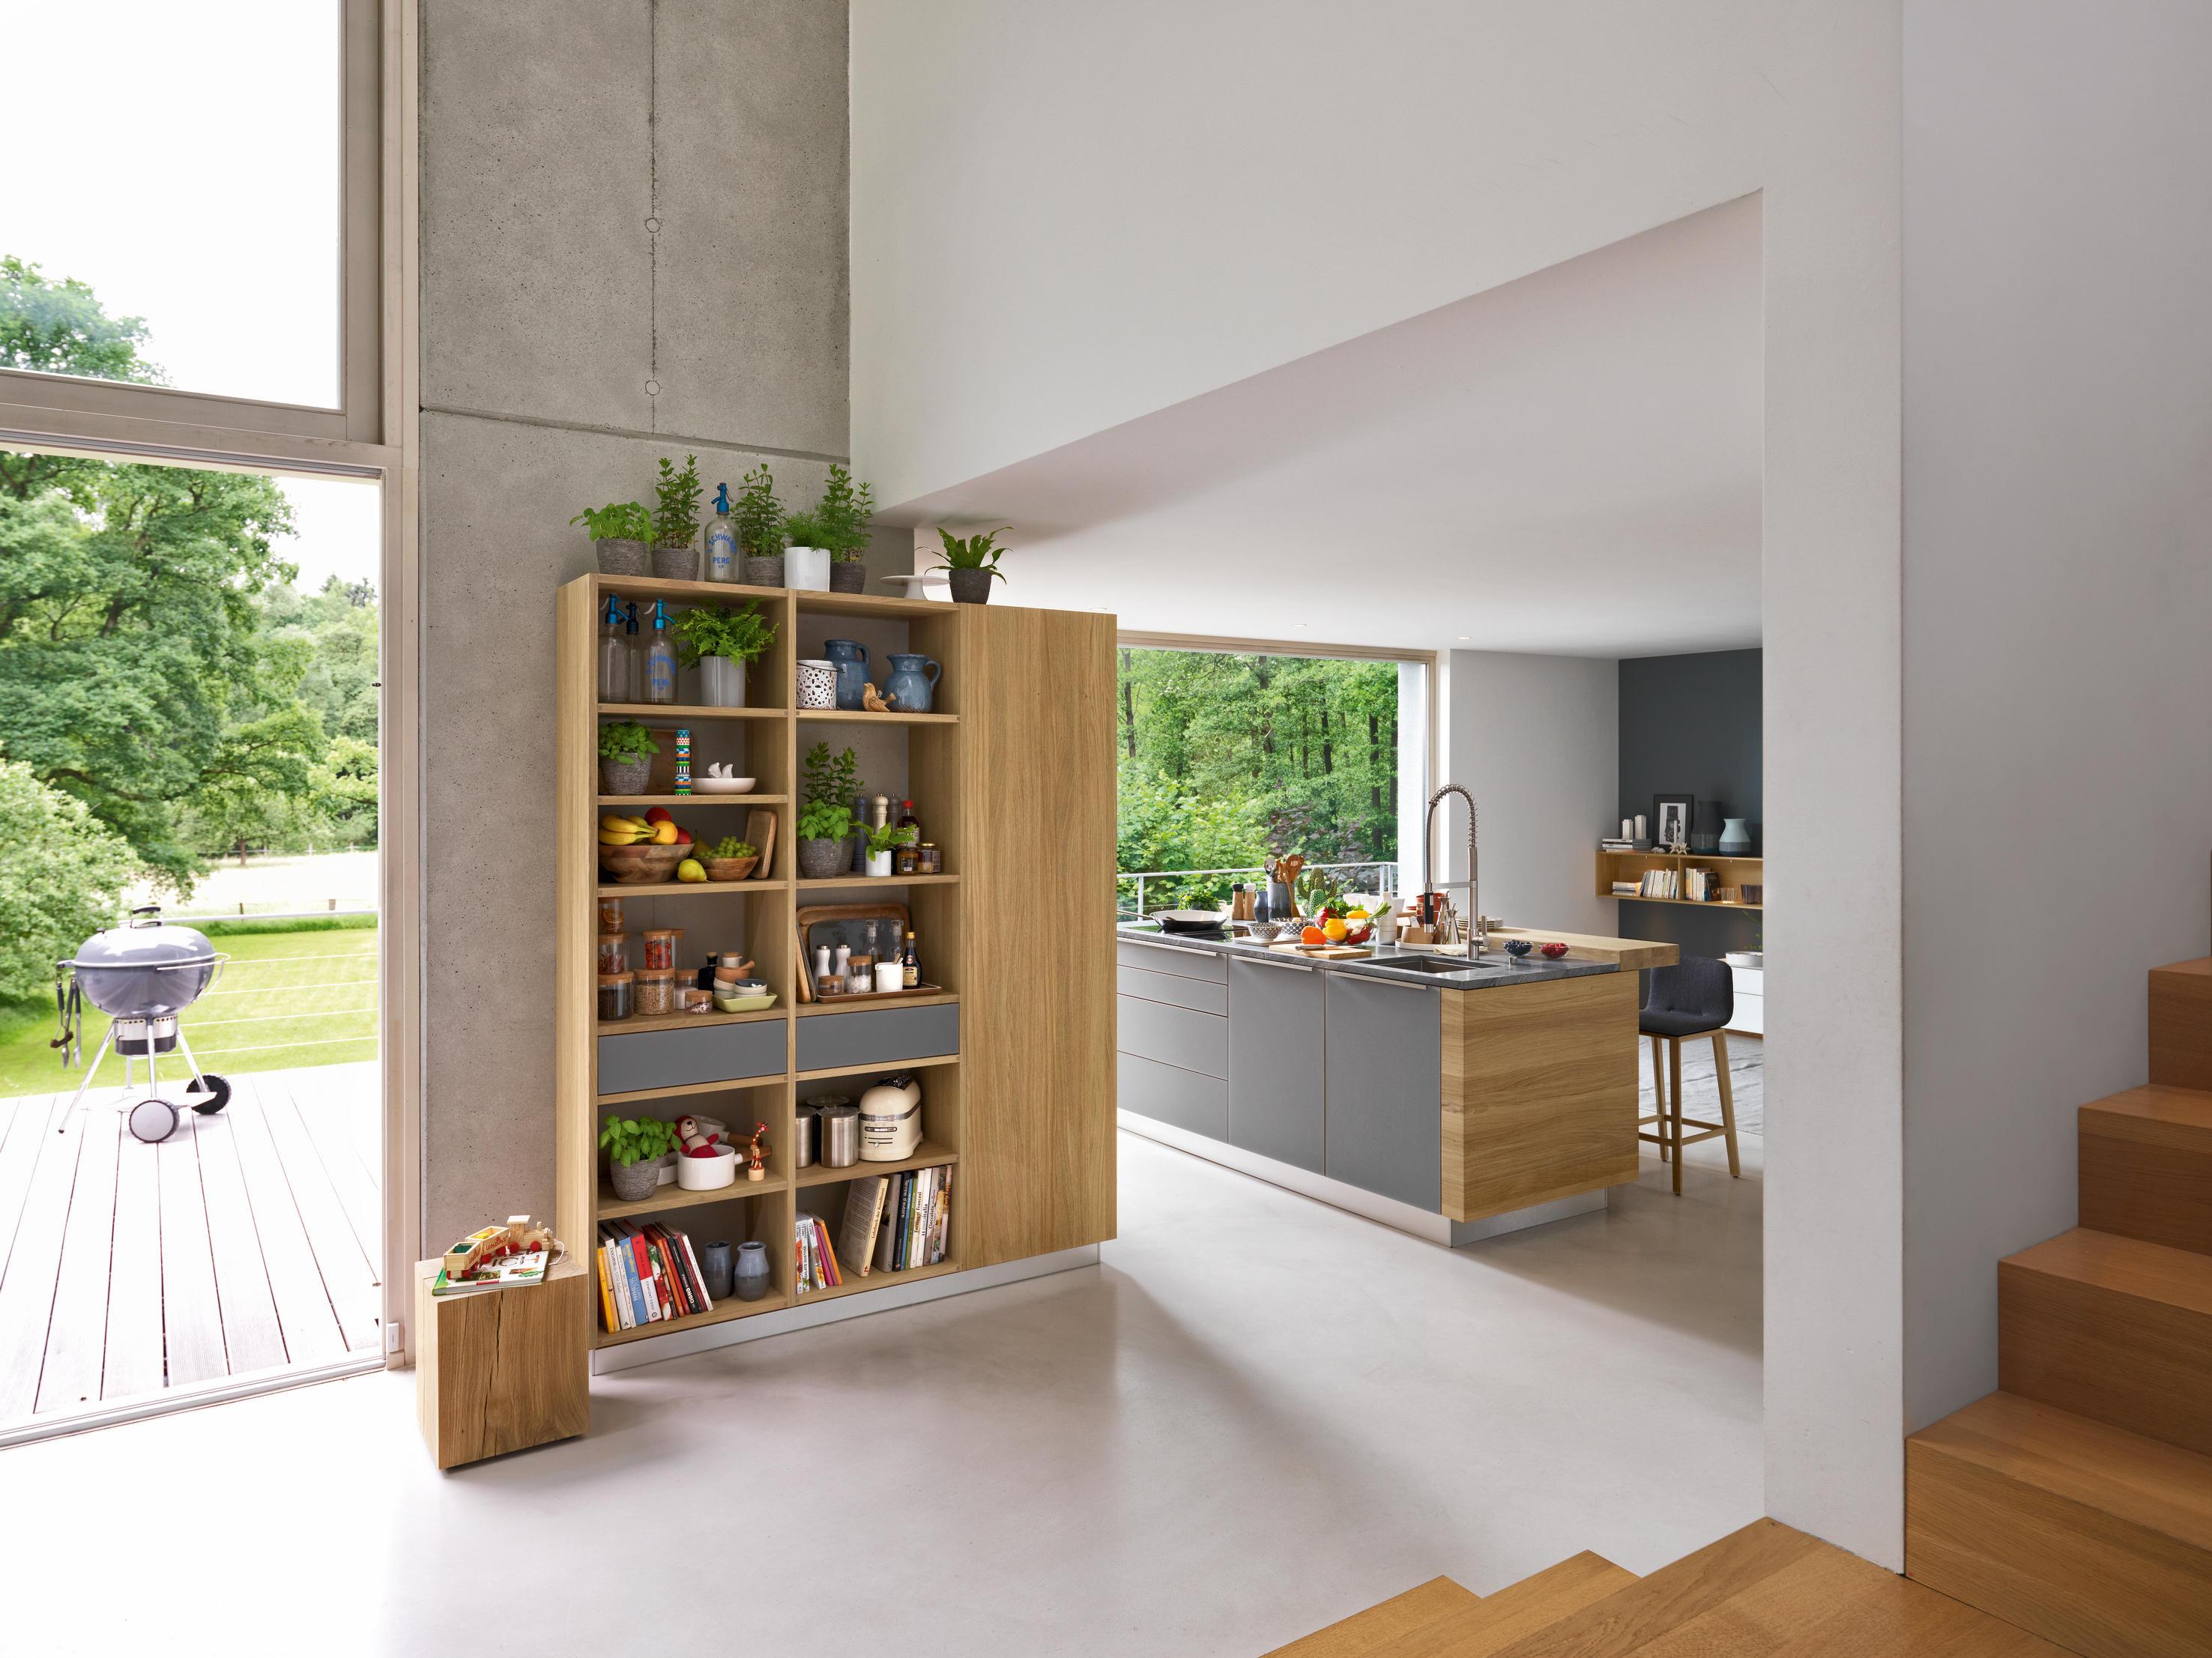 linee k che einbauk chen von team 7 architonic. Black Bedroom Furniture Sets. Home Design Ideas